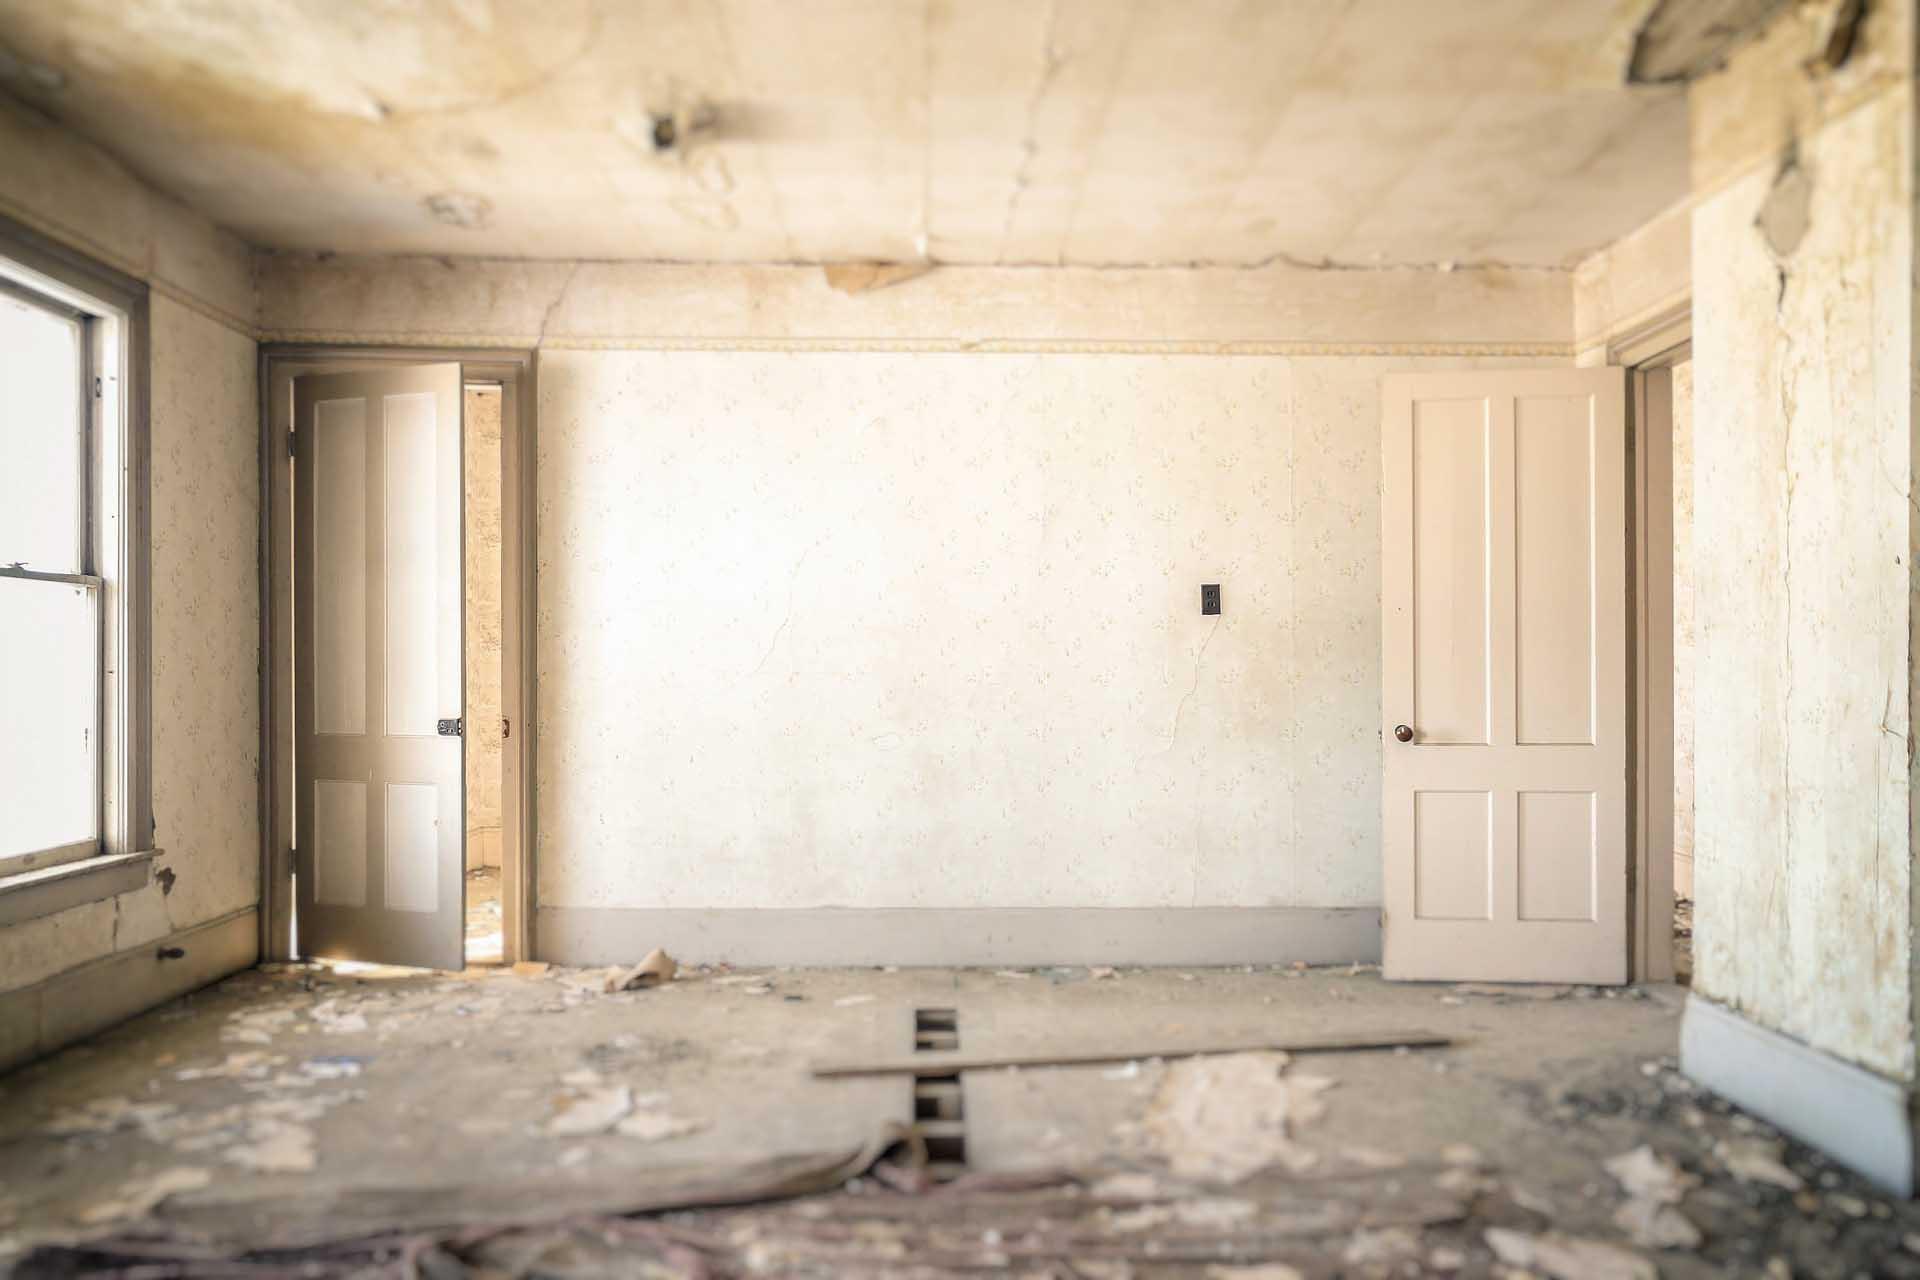 Выселение из-за нарушения прав соседей, использования жилья не по назначению